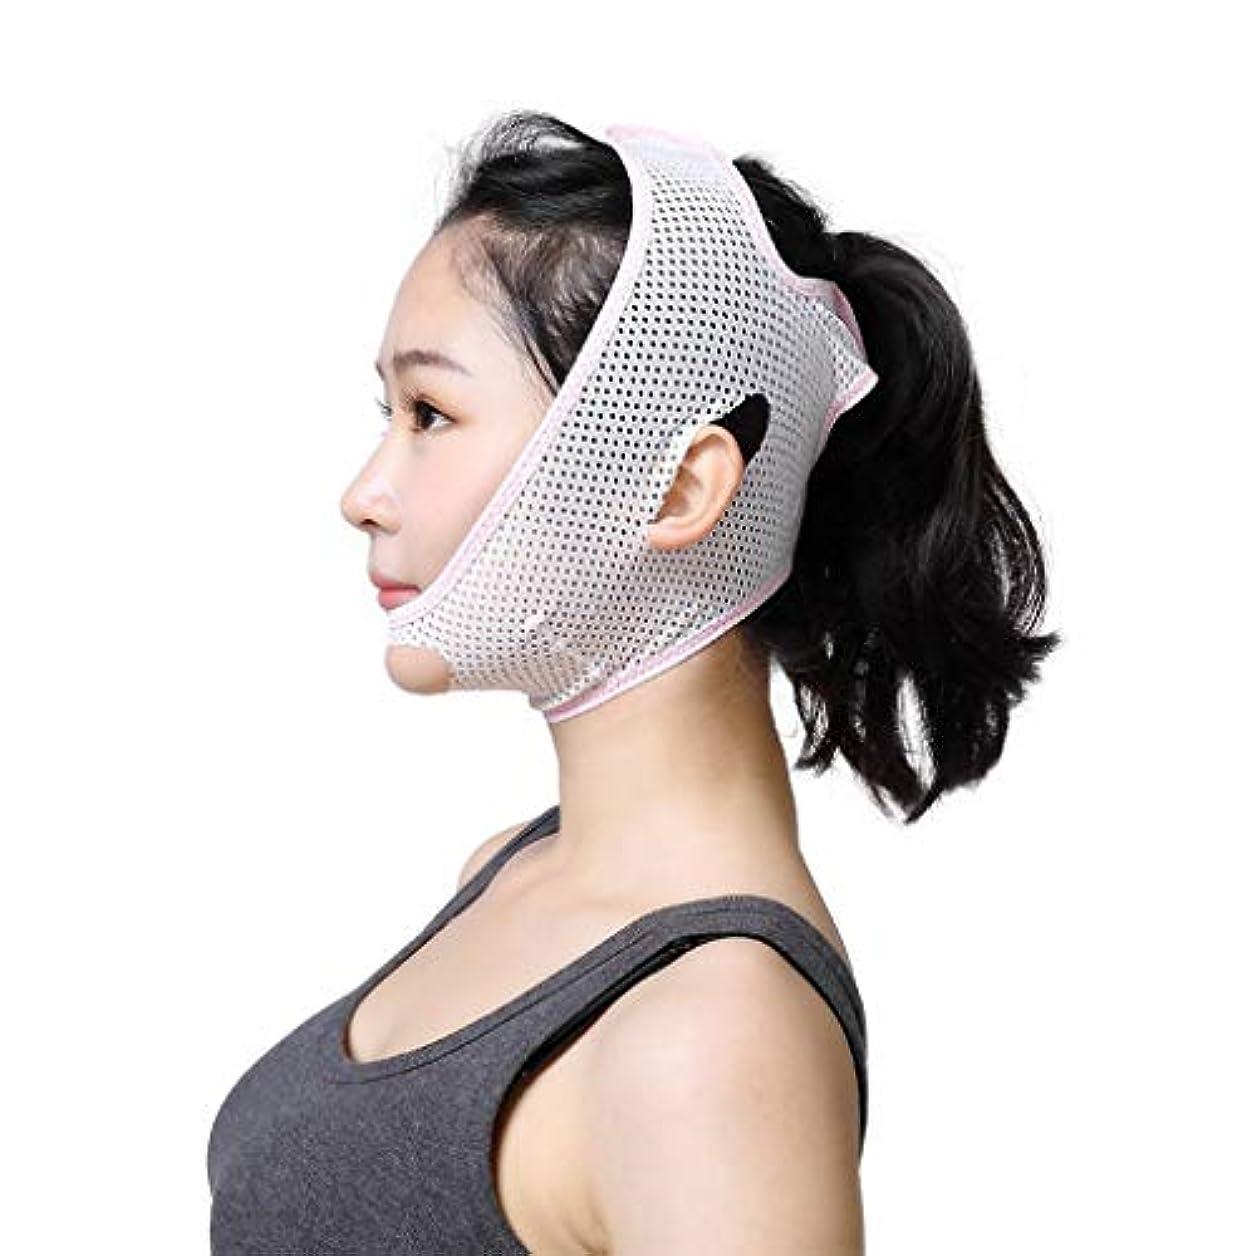 分析うぬぼれエーカー顔の減量睡眠包帯顔補正美容マスクダブルあごユニセックスに